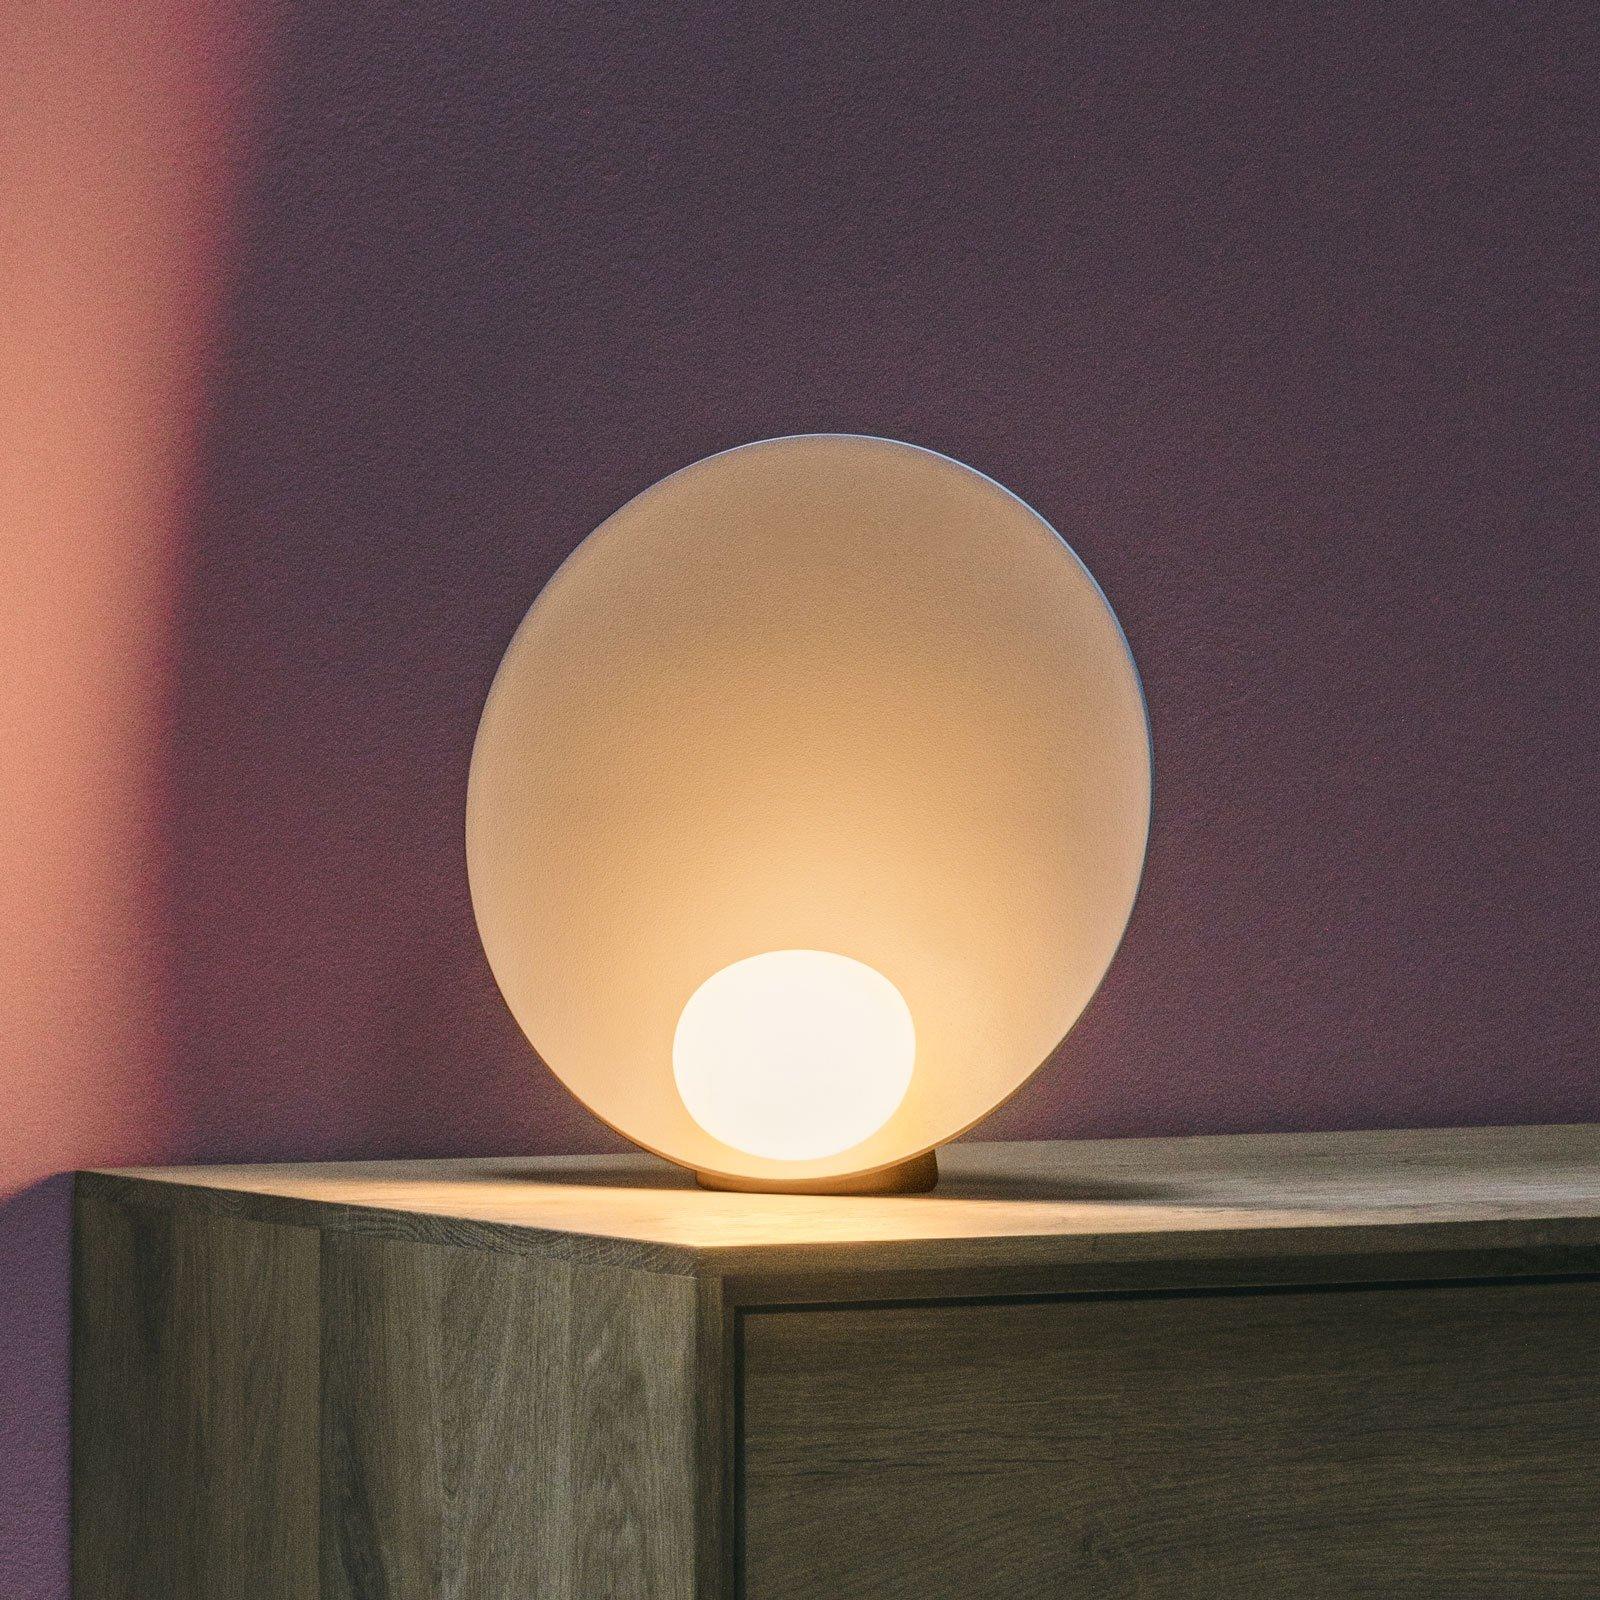 Vibia Musa 7400 LED-bordlampe stående, laks